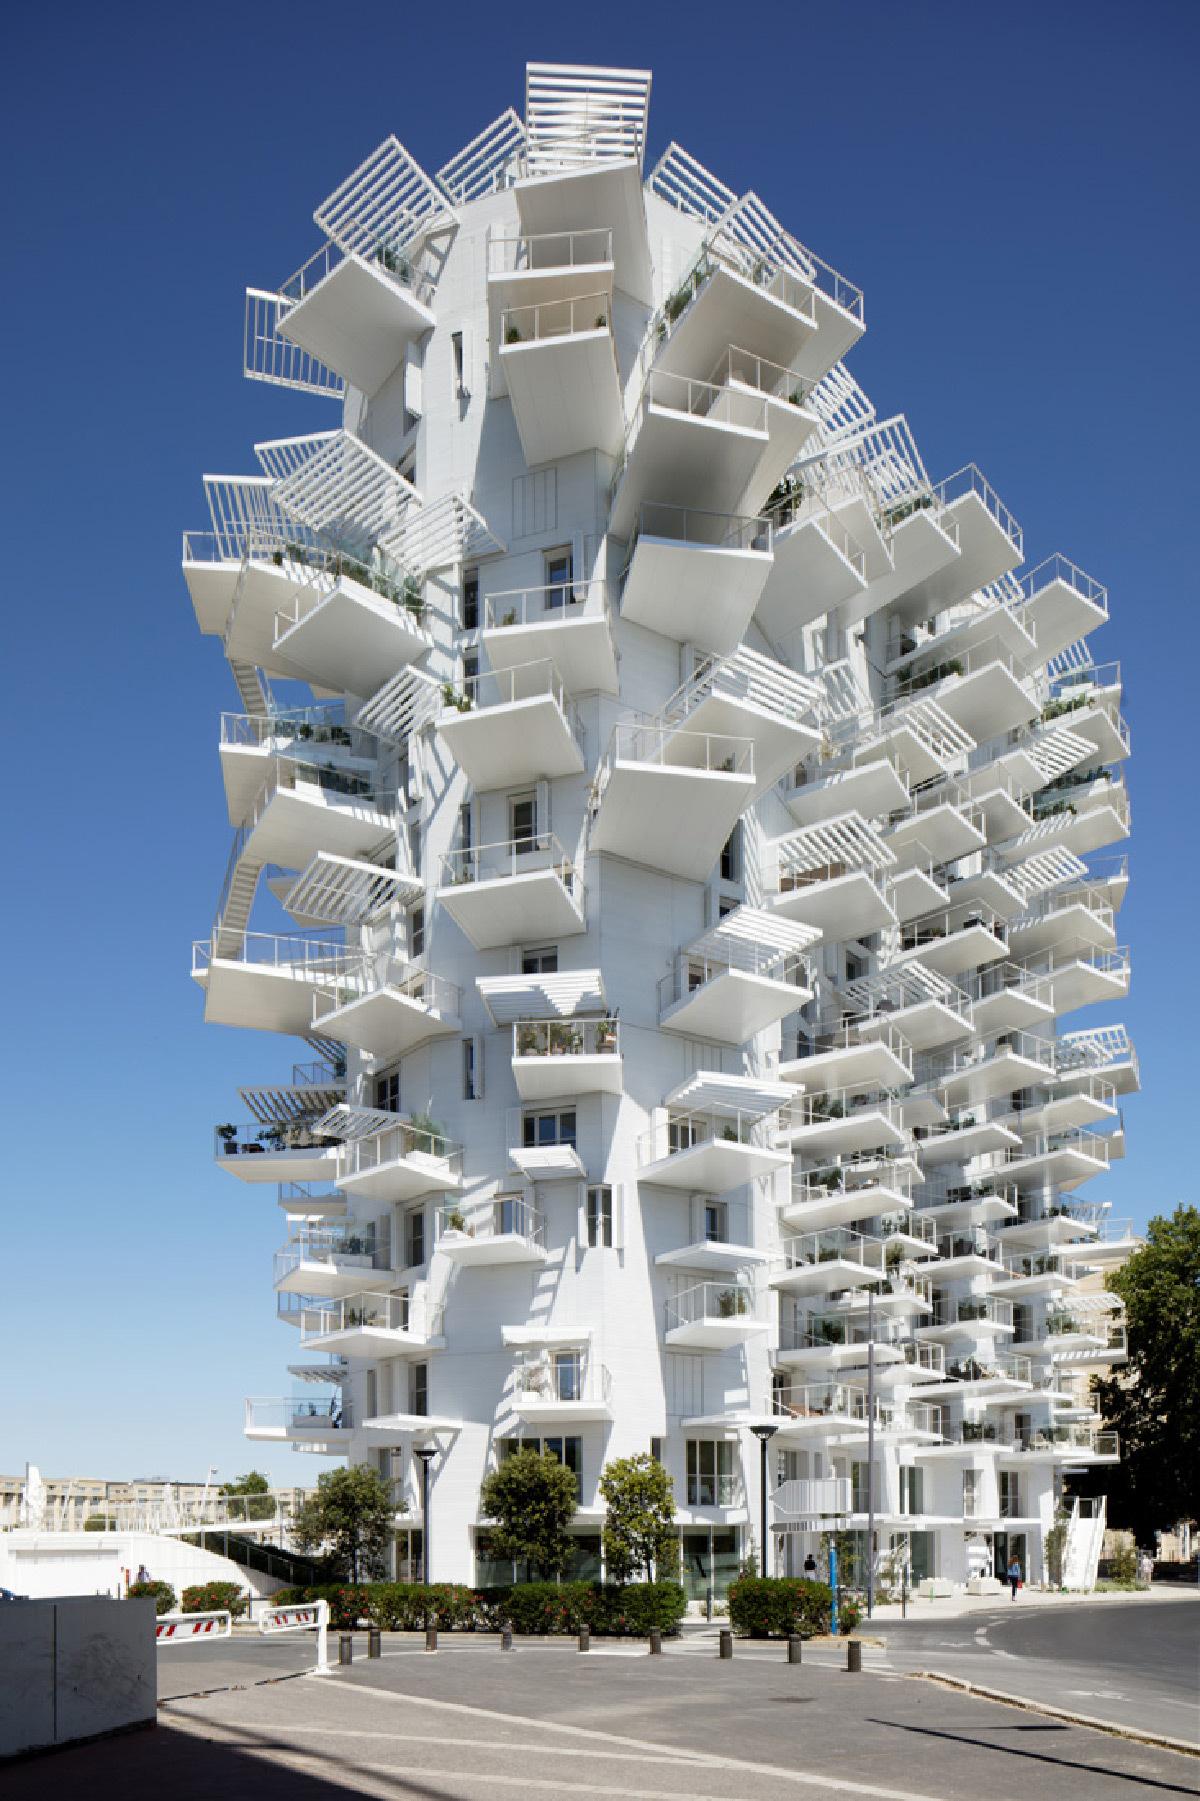 L'arbre blanc, Montpellier, France - Architectes : Sou Fujimoto, Nicolas Laisne, Manal Rachdi et Dimitri Roussel © Paul Maurer